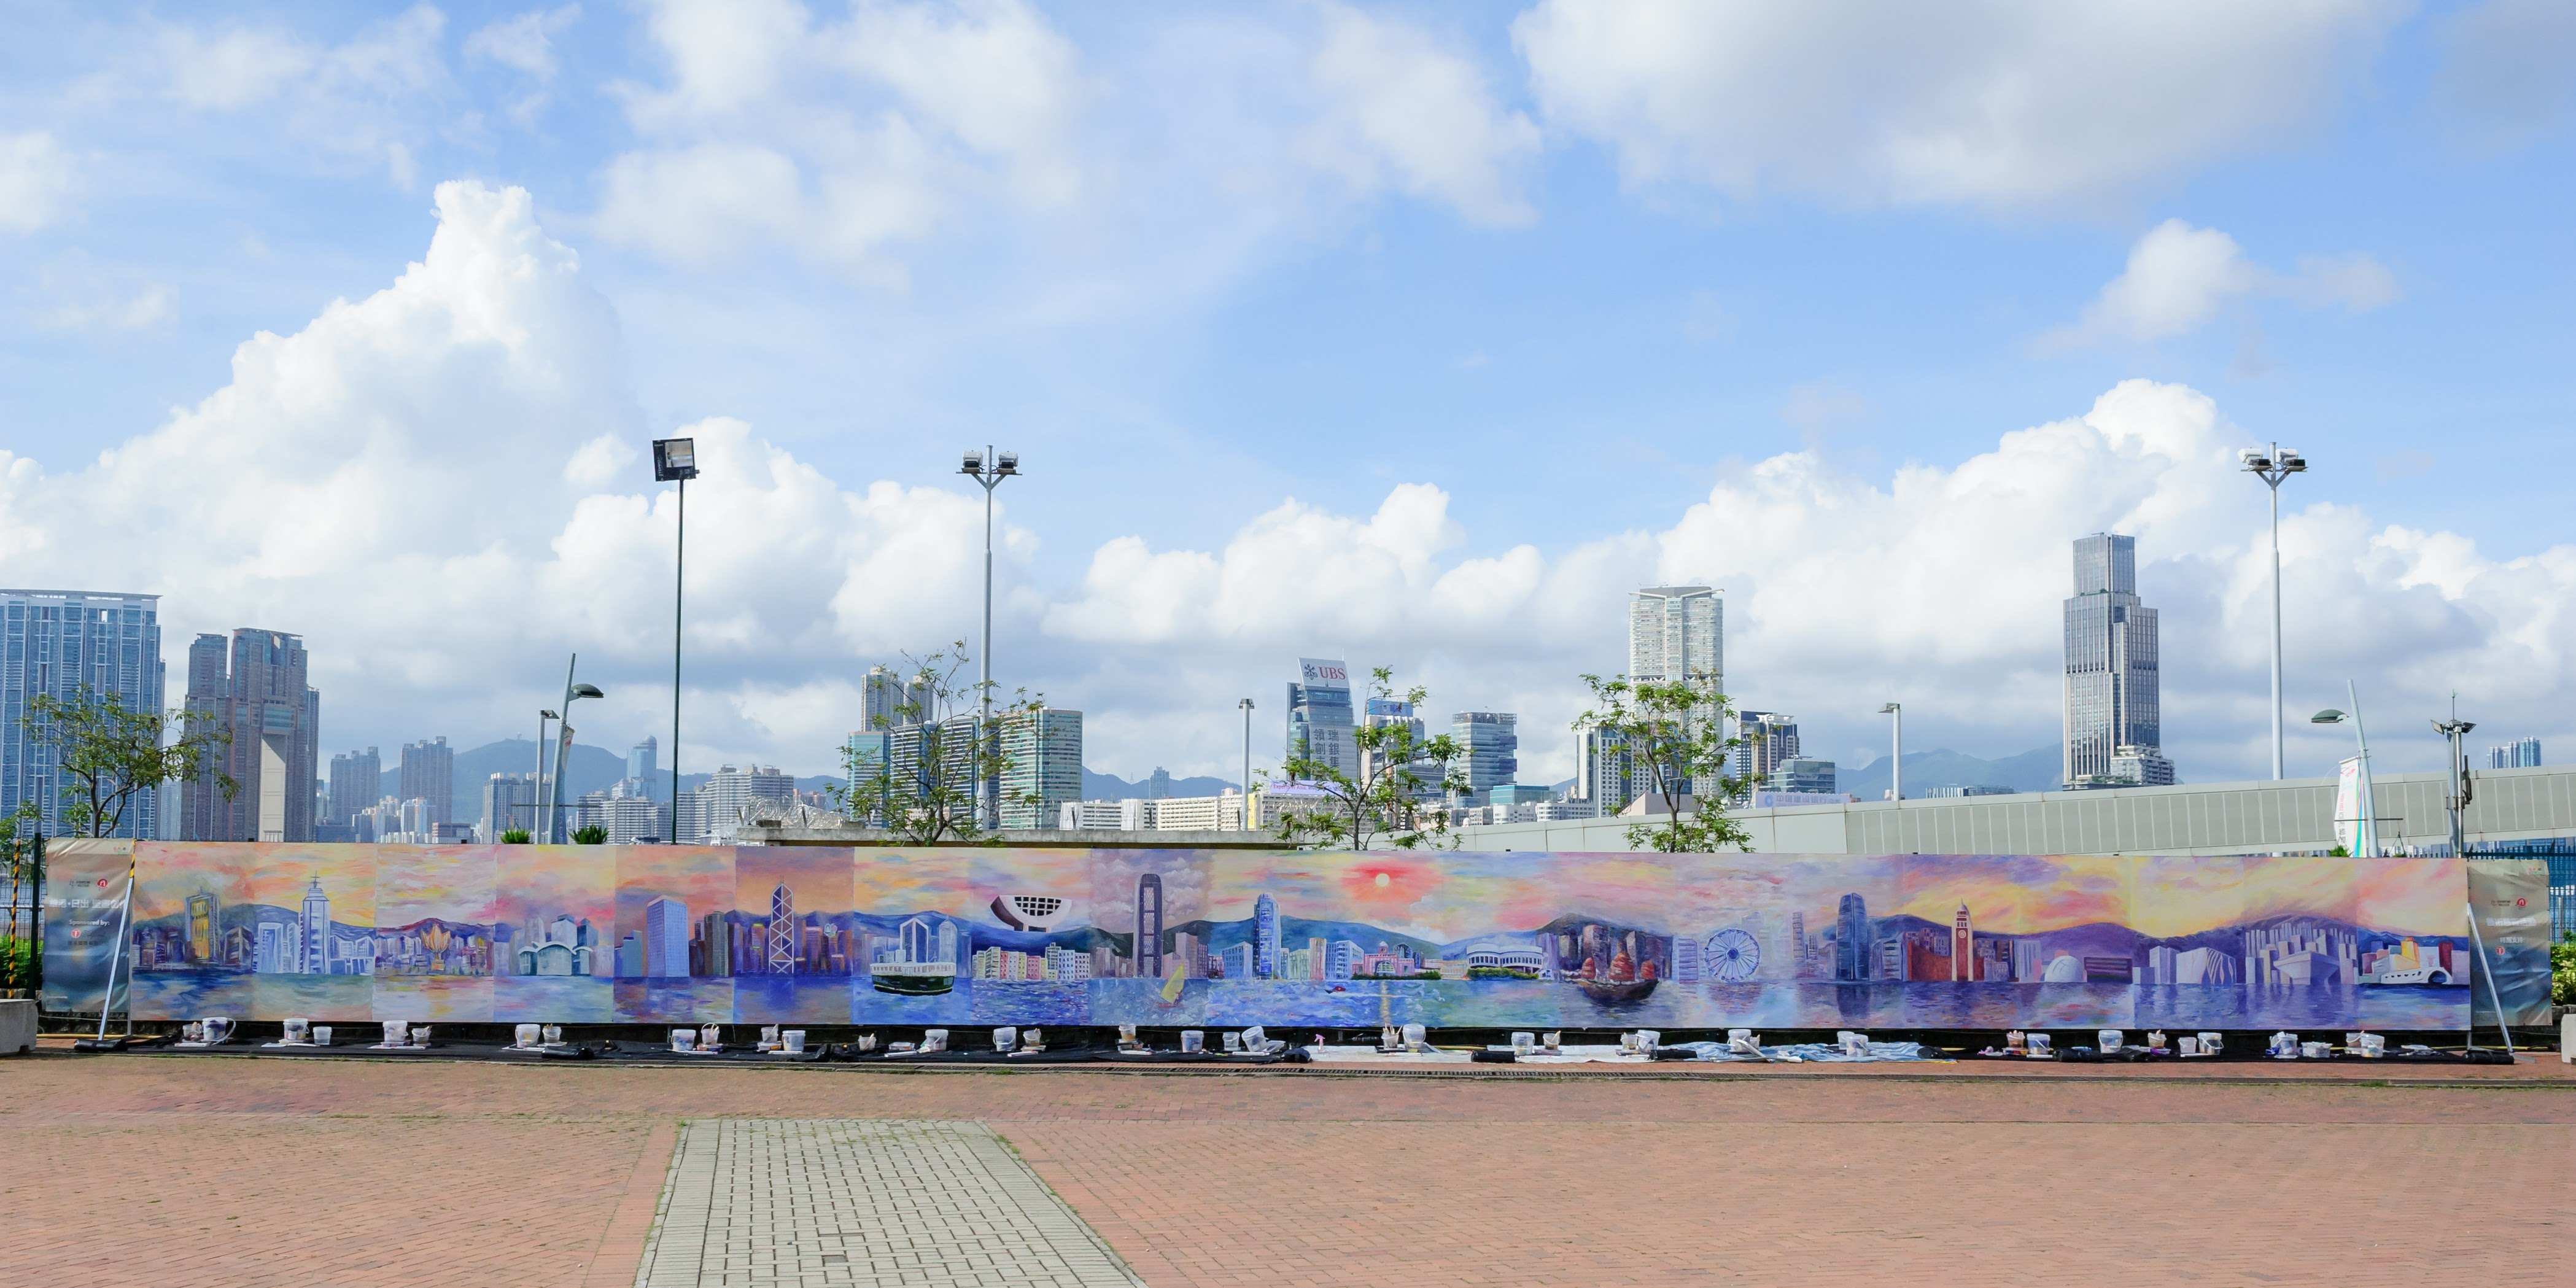 這幅80尺長的巨型壁畫名為「維港‧日出」,現在中環海濱活動空間舉行的「中環夏誌」活動中展出。